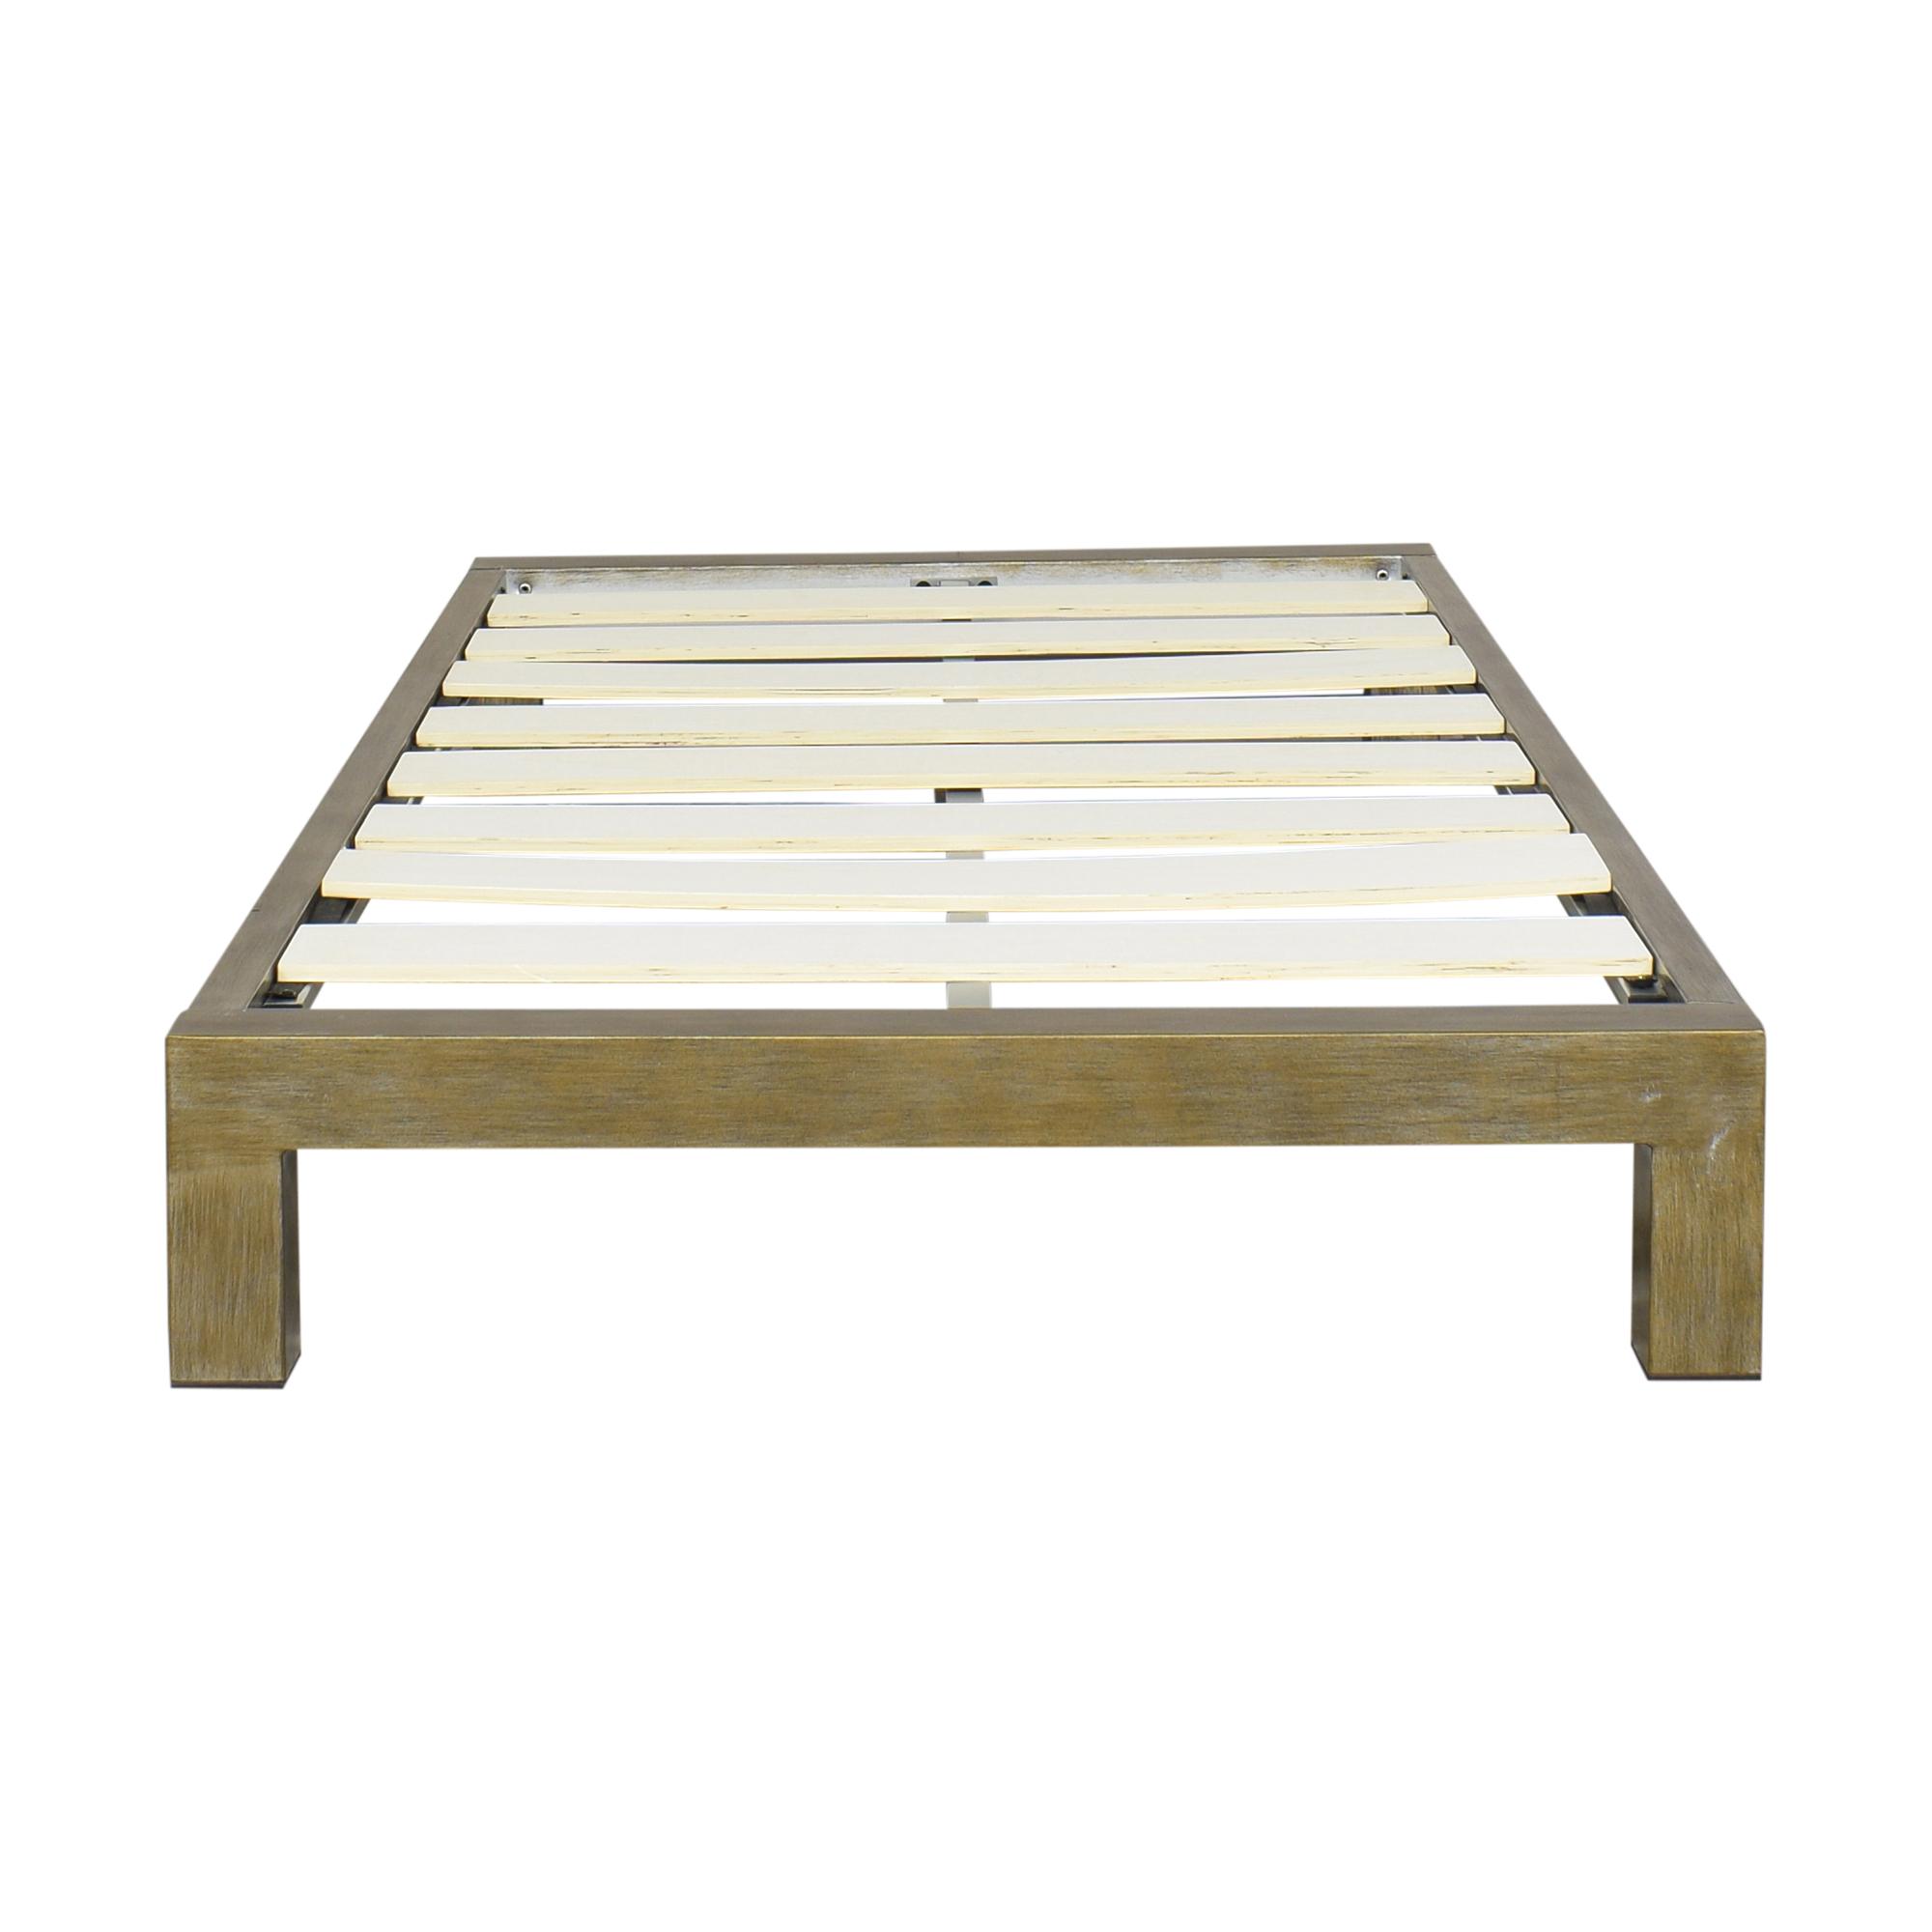 Wayfair Wayfair Willa Arlo Hasse Twin Low Profile Platform Bed discount